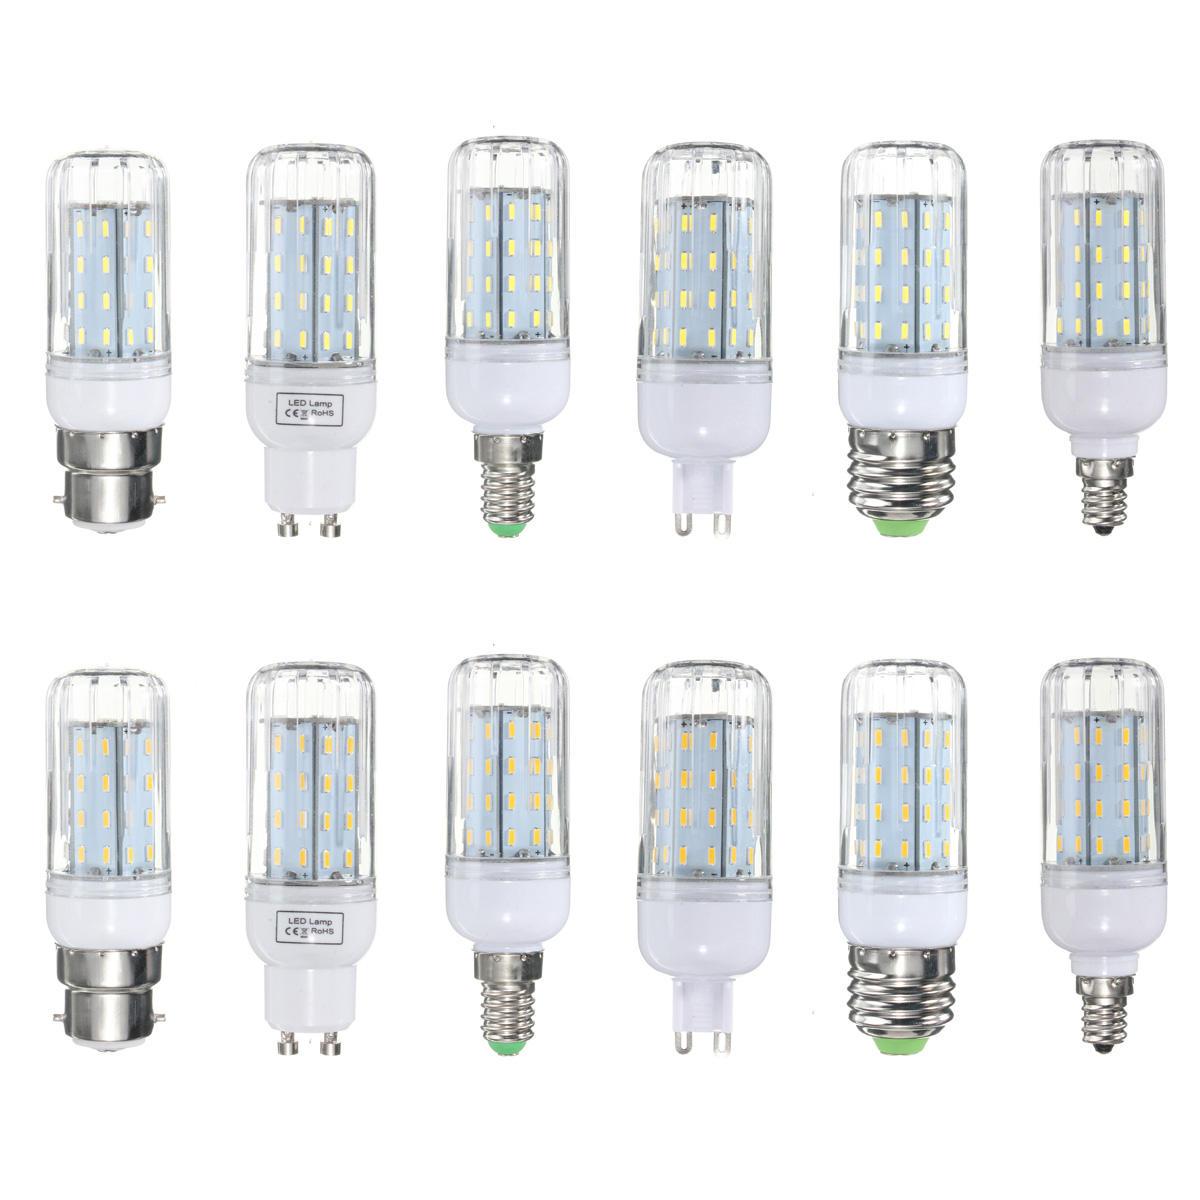 E27 b22 e12 e14 6w GU10 G9 56 SMD 4014 LED blanco caliente cubierta blanca de la bombilla del maíz CA 110V